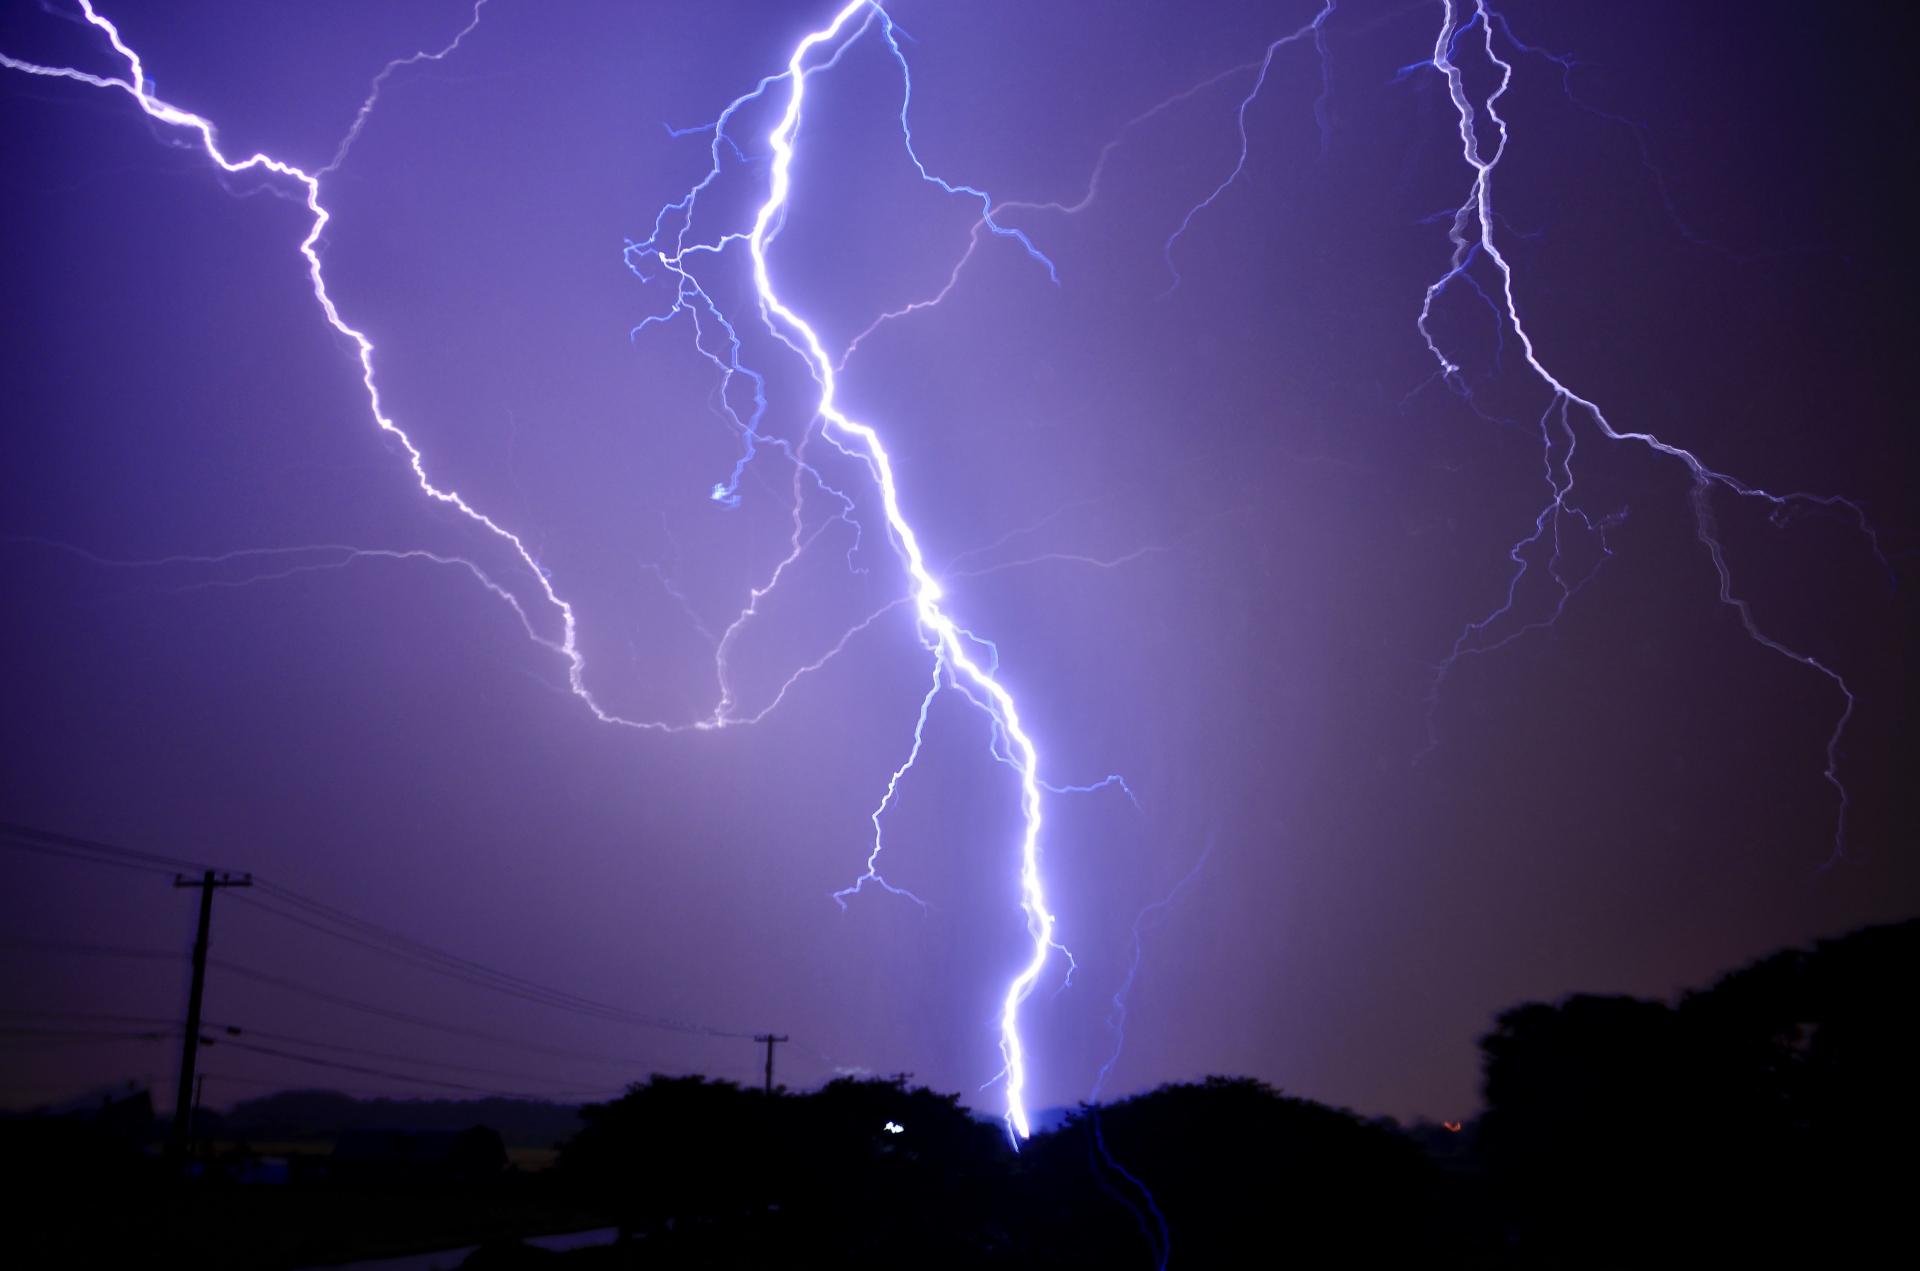 マラカイボ湖はベネズエラの人気観光スポット!雷多発地帯に走る無音の稲妻とは?